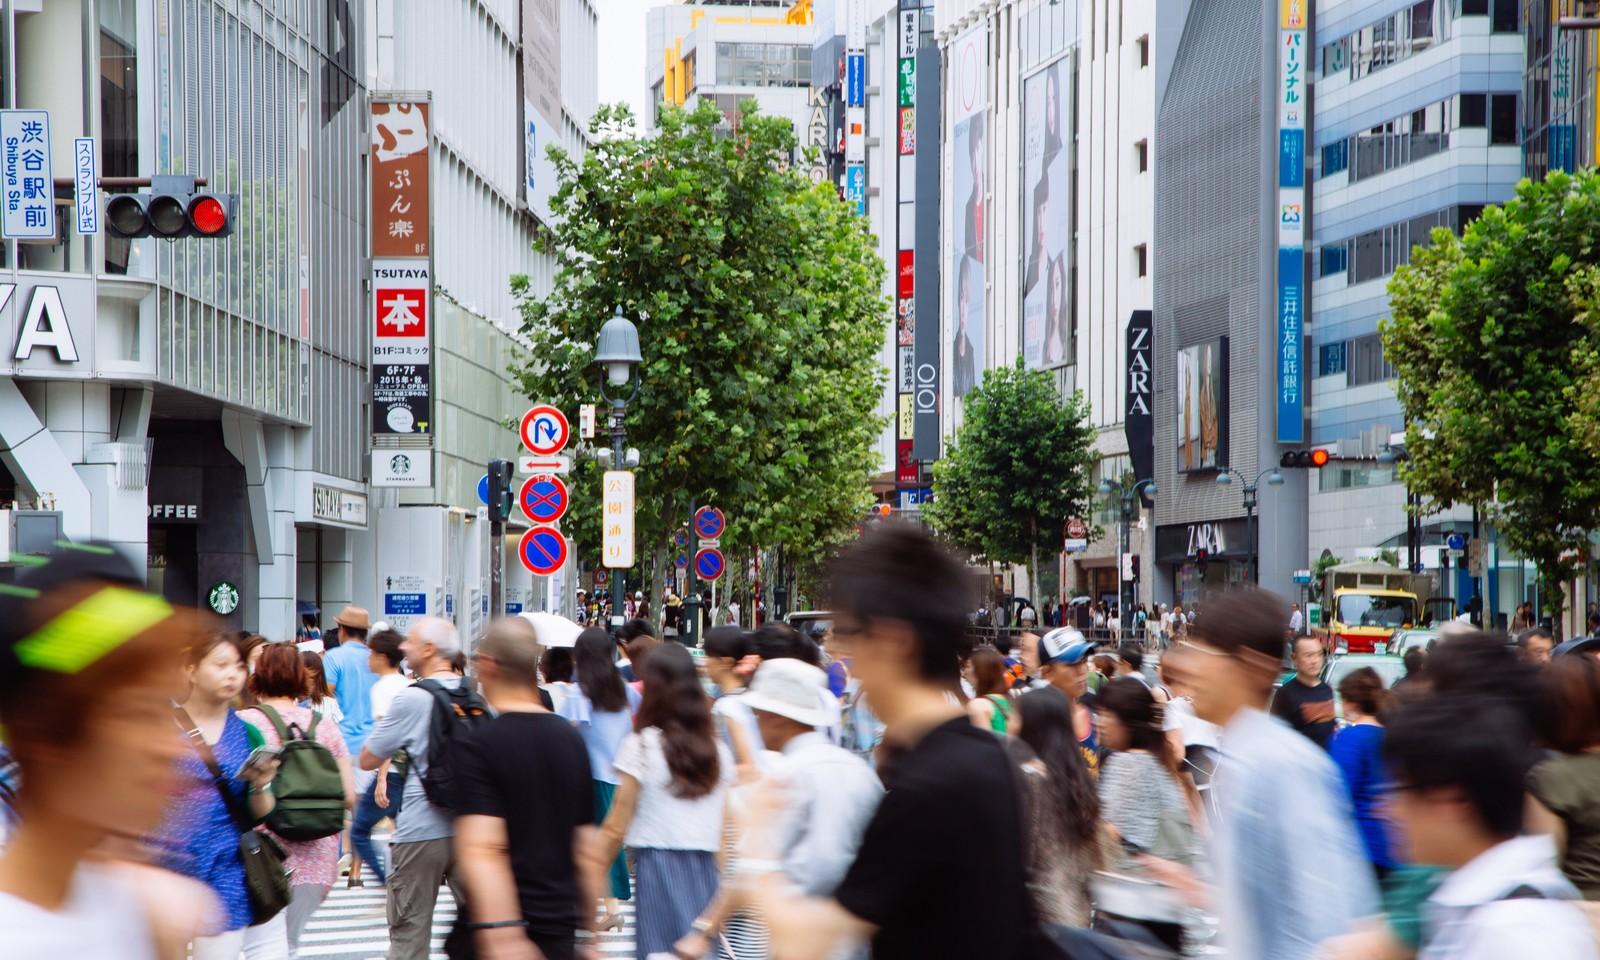 渋谷の安いランチ特集!コスパ最強の美味しいおすすめ店まとめ!